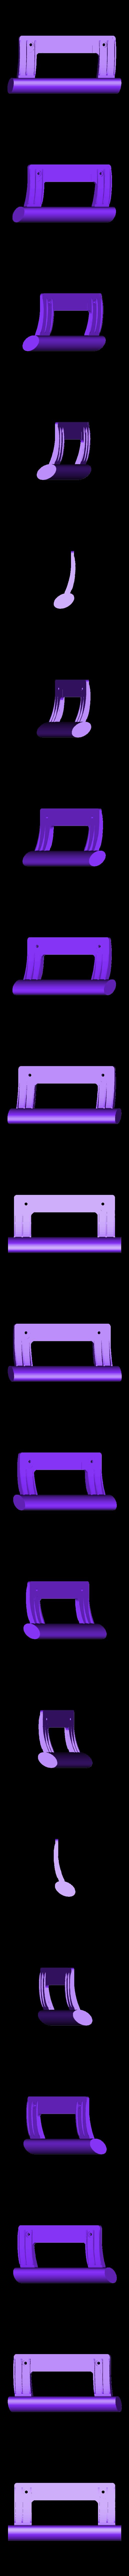 maneta nevera v3.stl Télécharger fichier STL gratuit Poignée de réfrigérateur • Objet pour impression 3D, rafelcalamillor